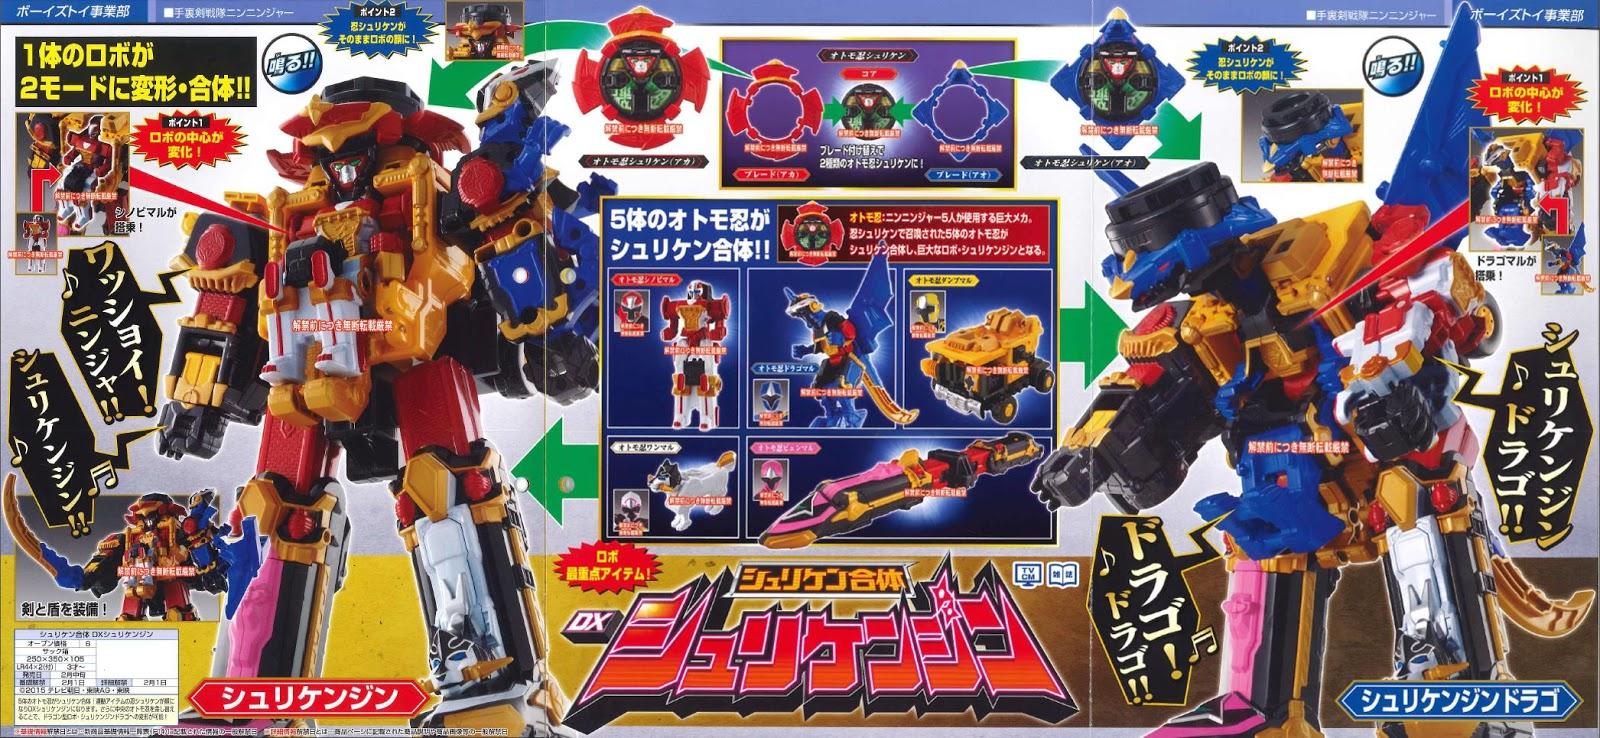 DX Shuriken Gattai Shurikenjin Toy Catalog(Clear Version) - JEFusion